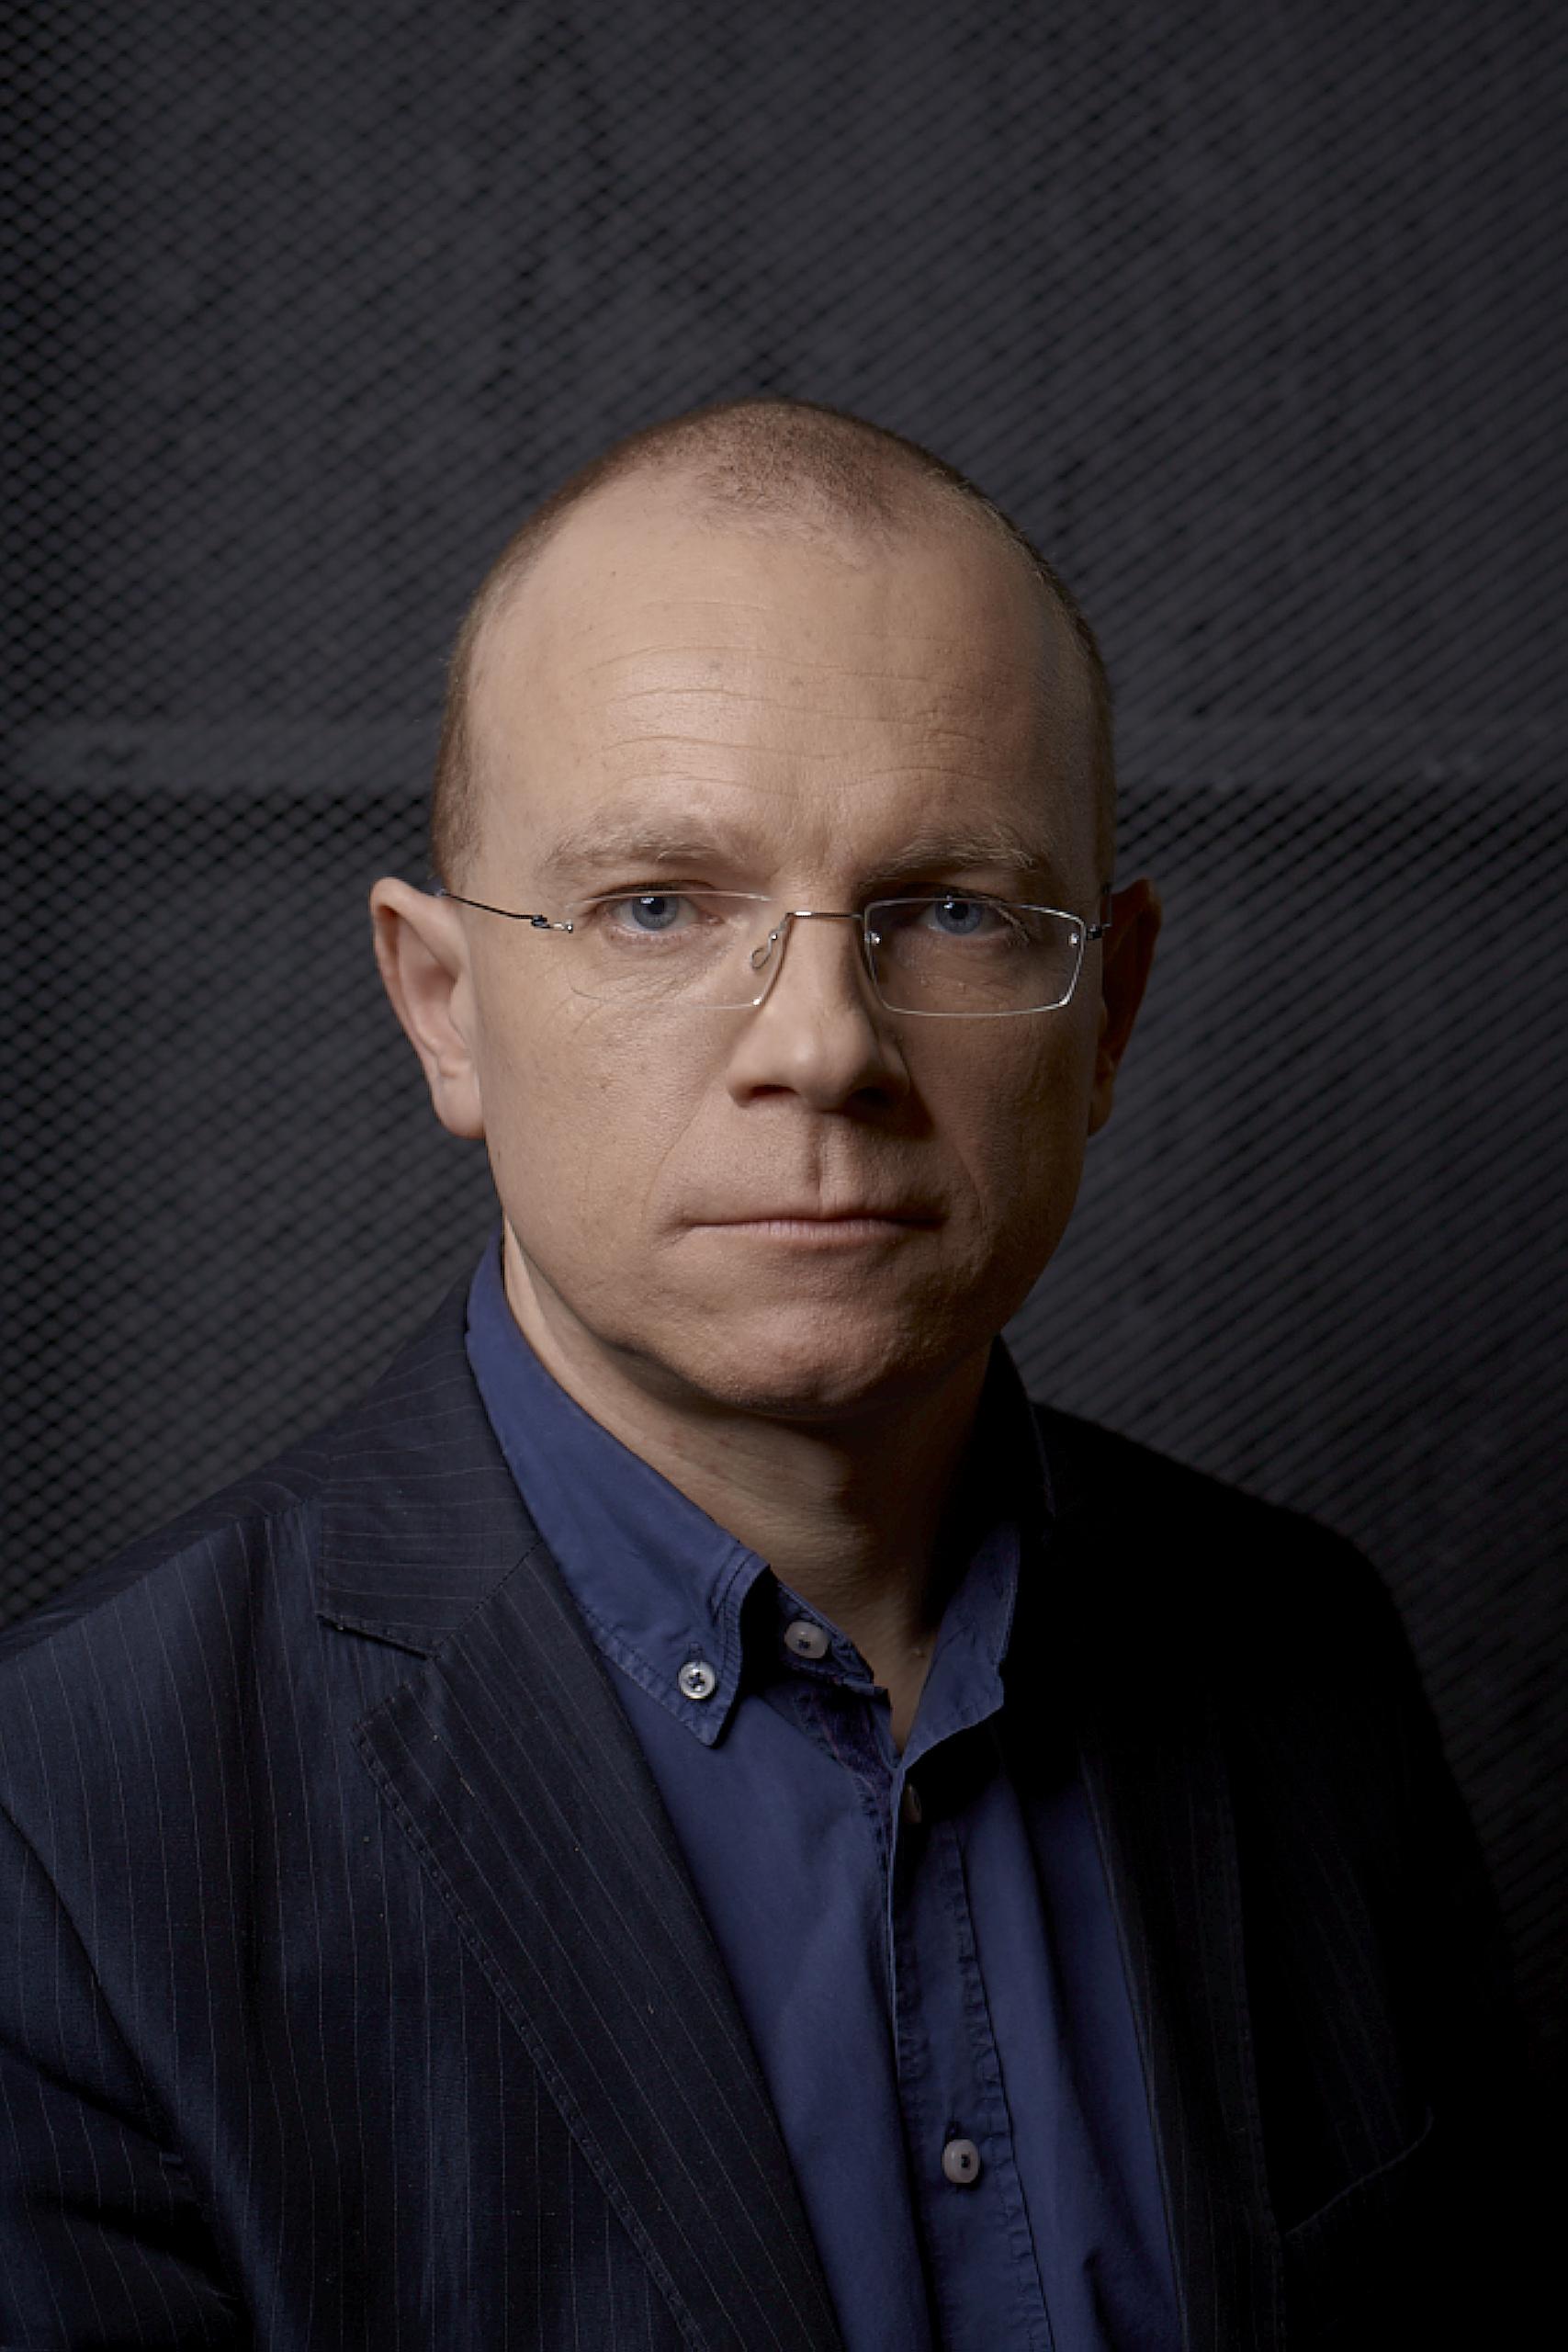 Jan Tomasz Adamus